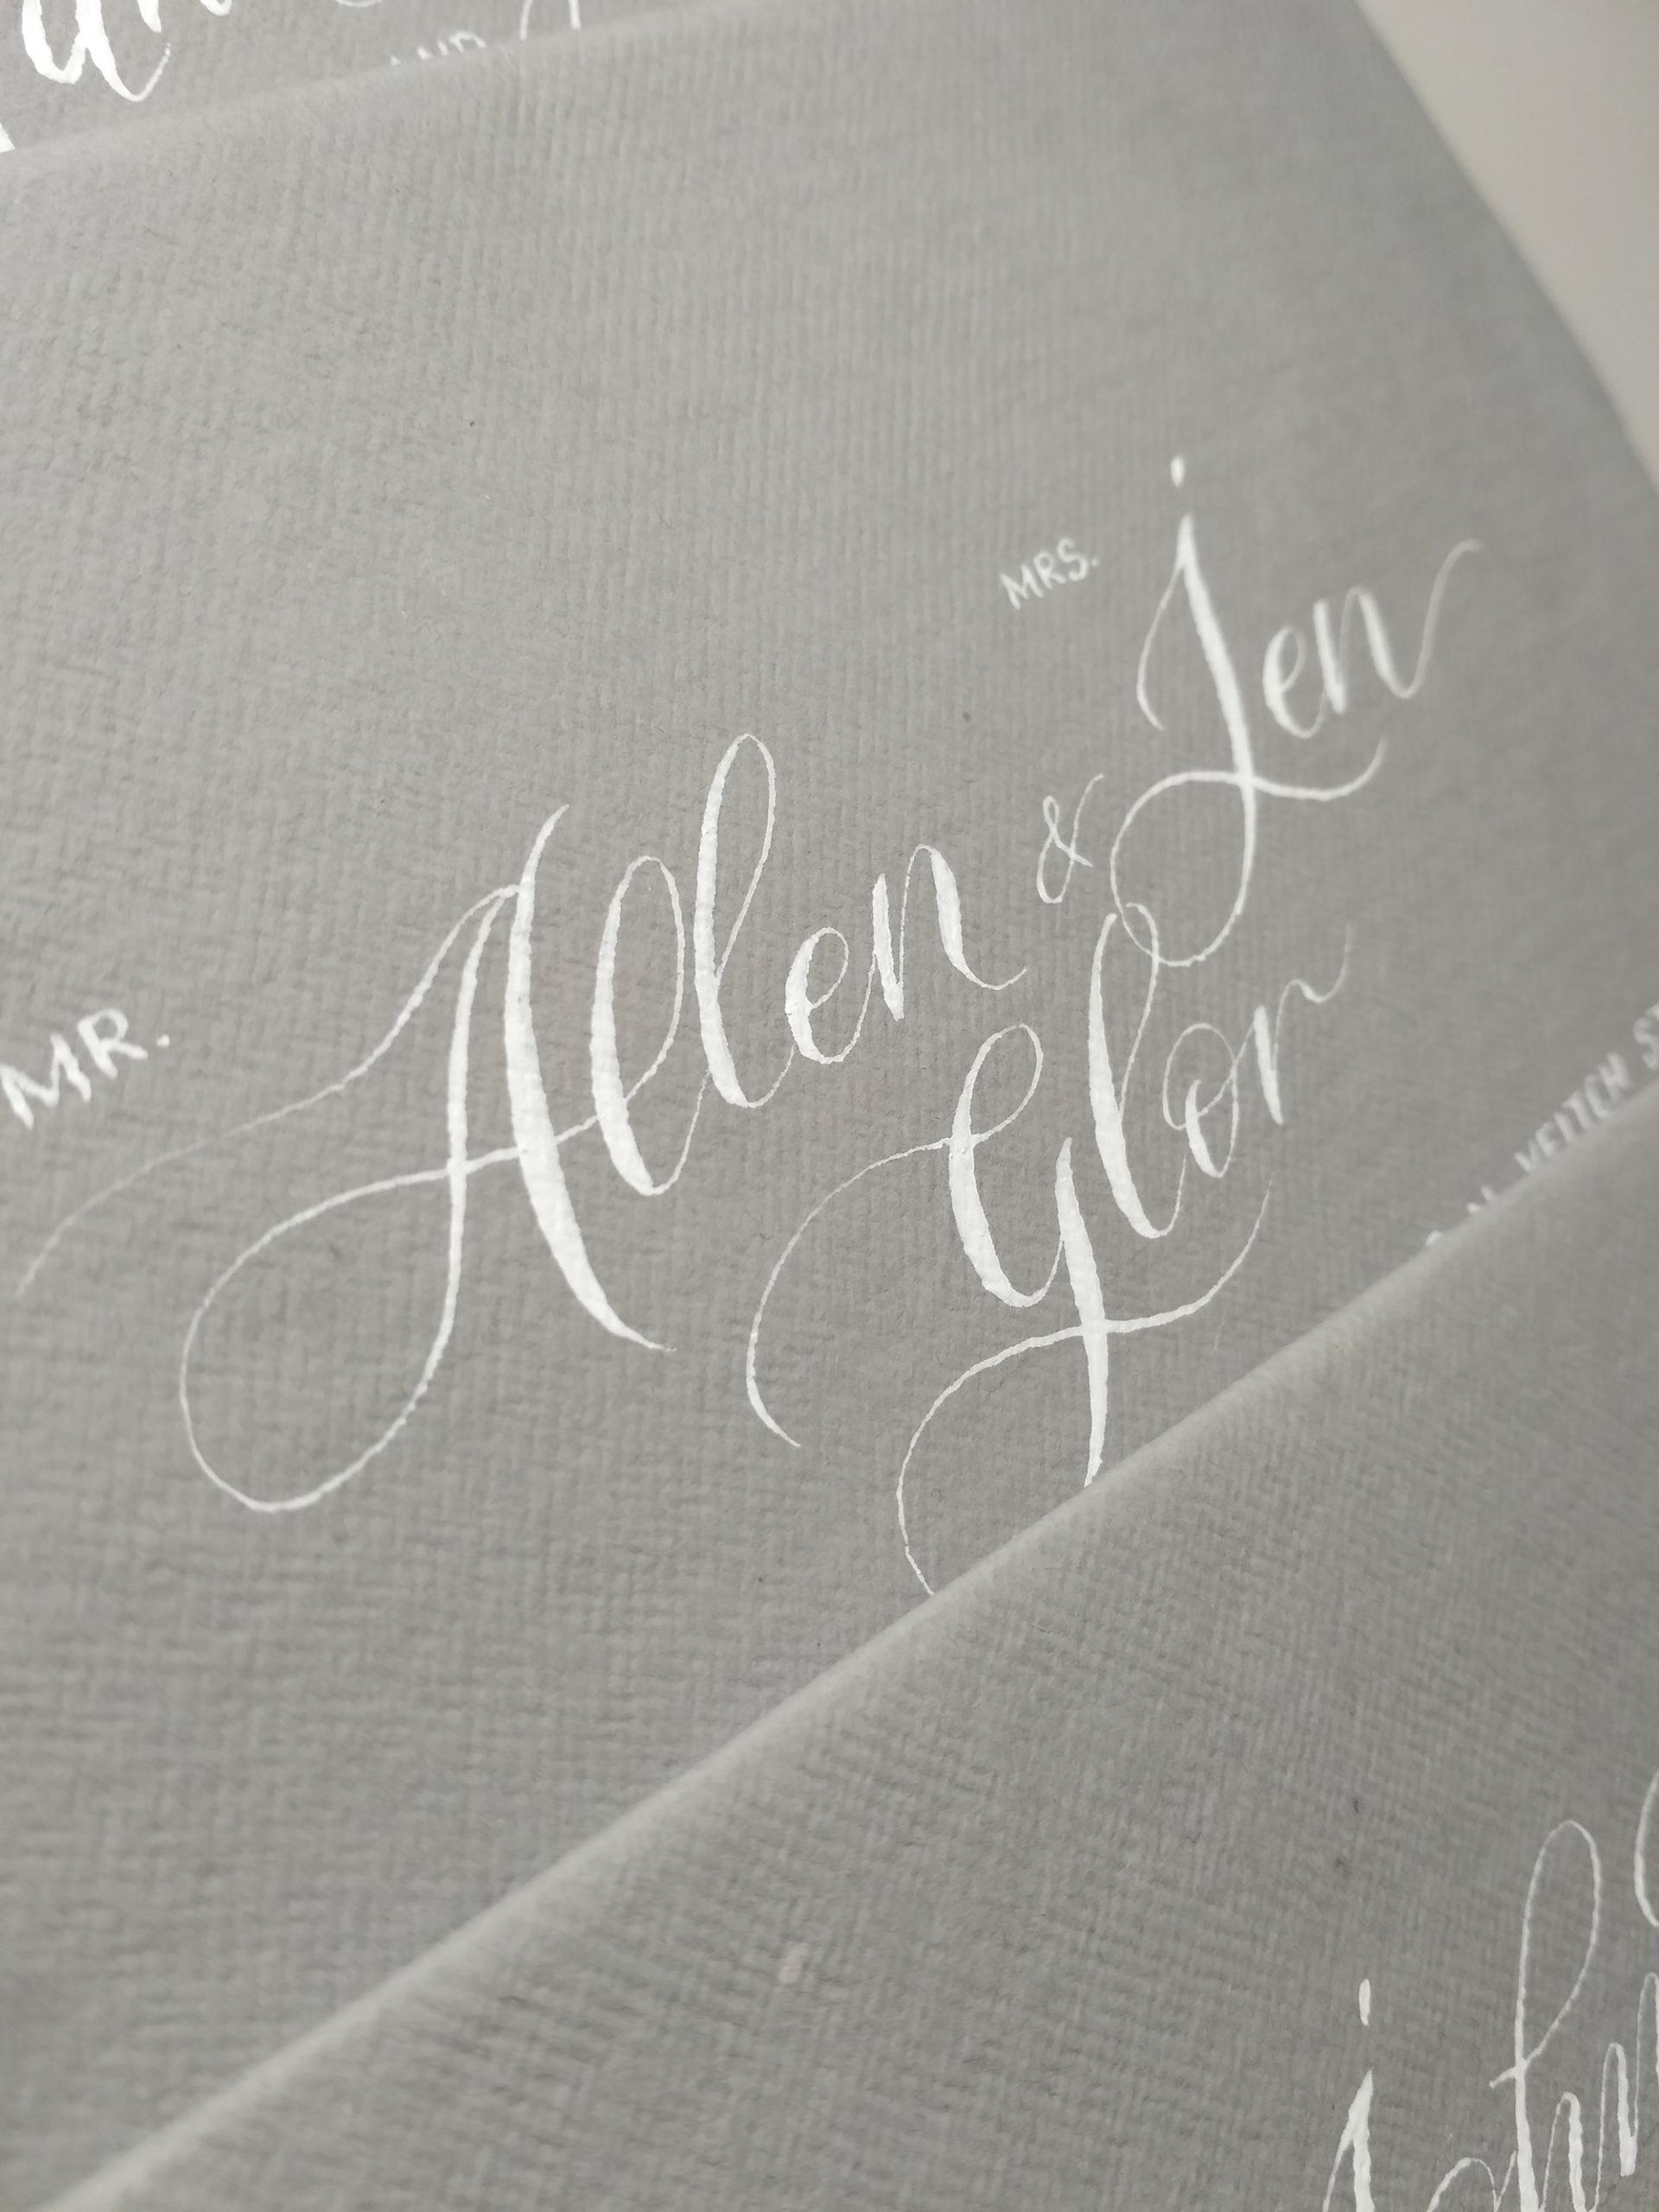 Allen & Jen